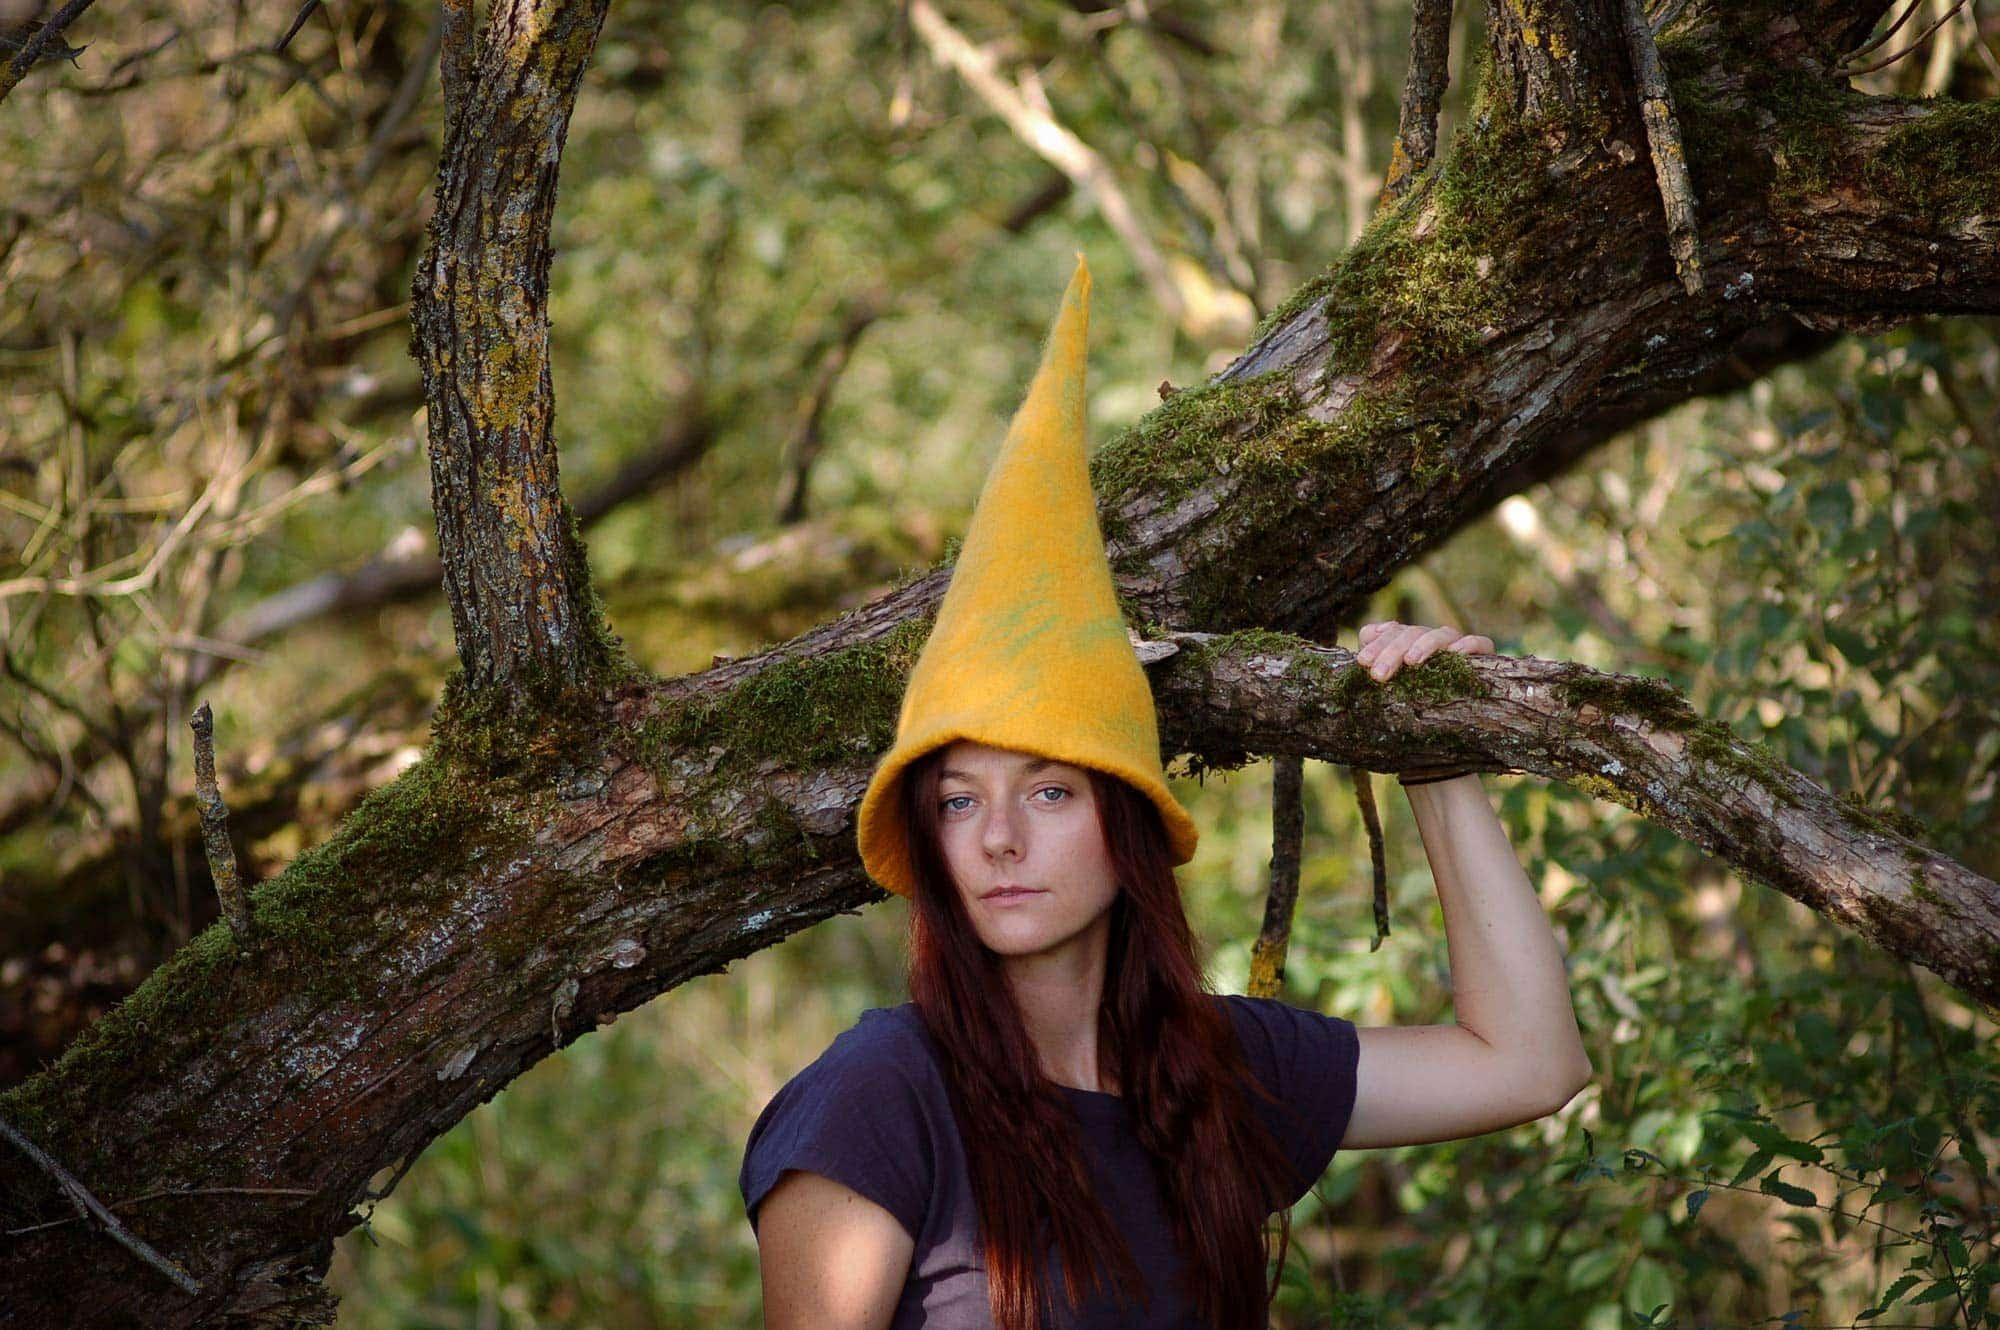 czapka kostiumowa wysoka żółta